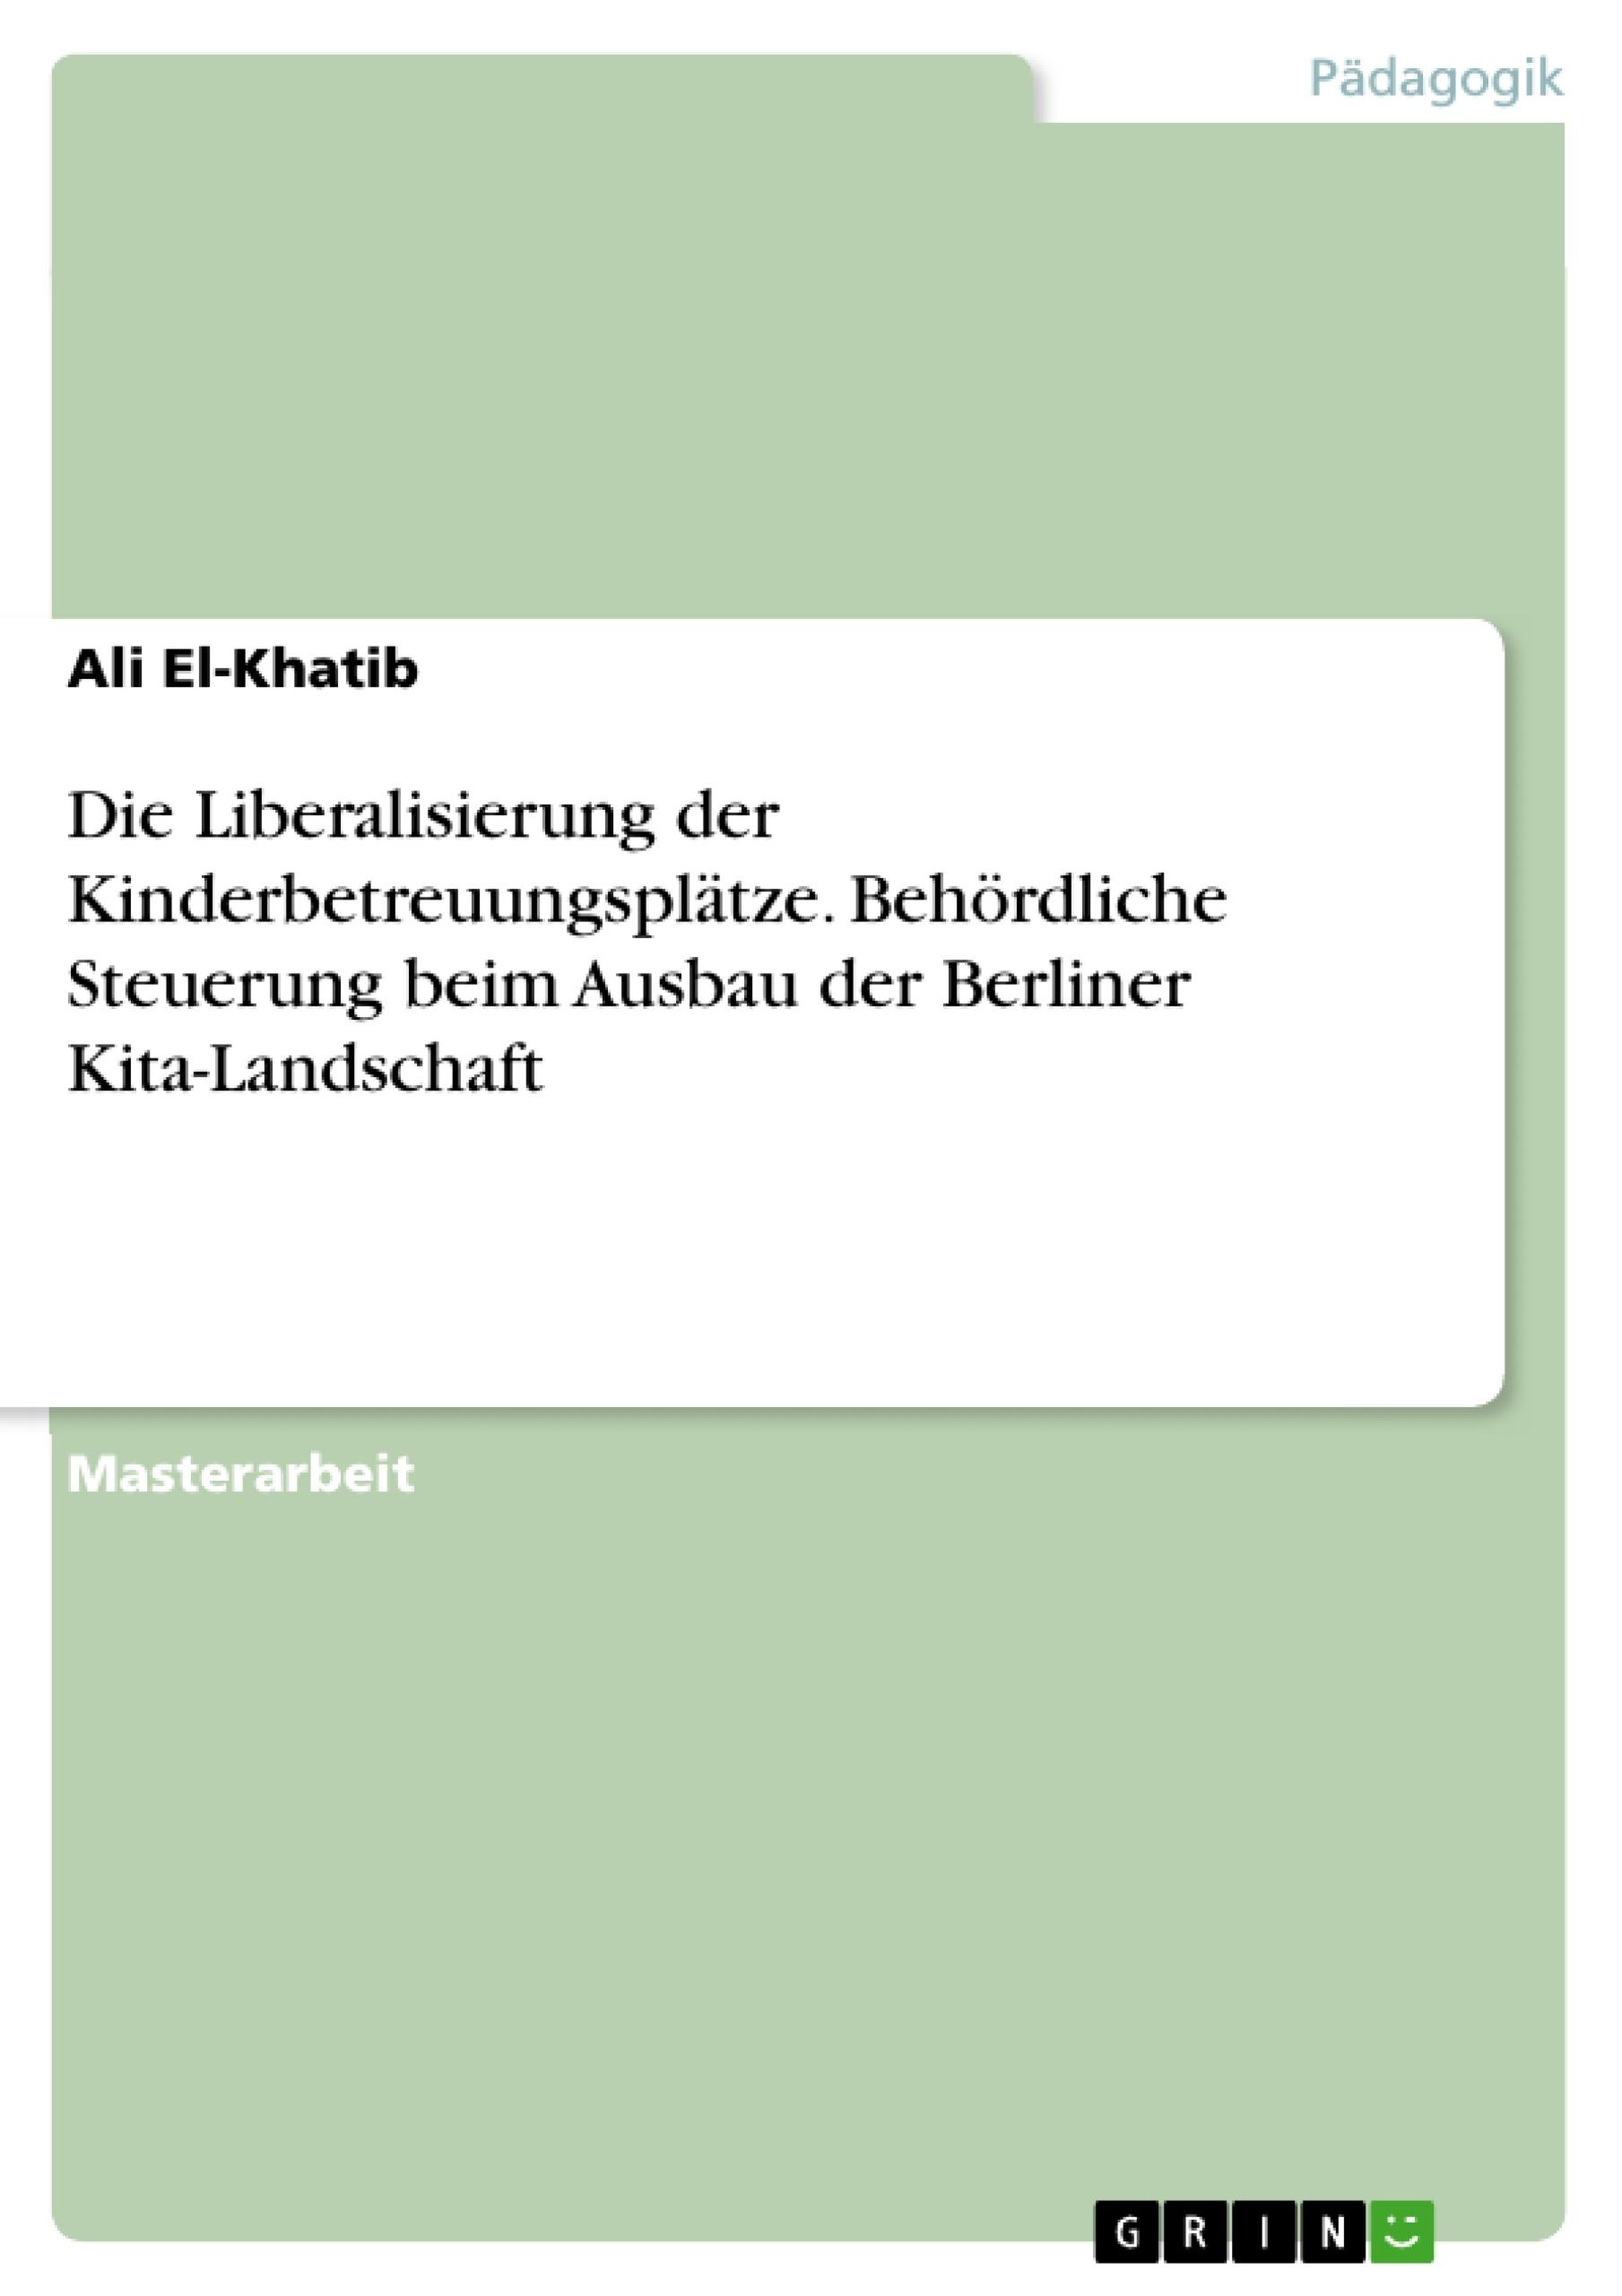 Titel: Die Liberalisierung der Kinderbetreuungsplätze. Behördliche Steuerung beim Ausbau der Berliner Kita-Landschaft